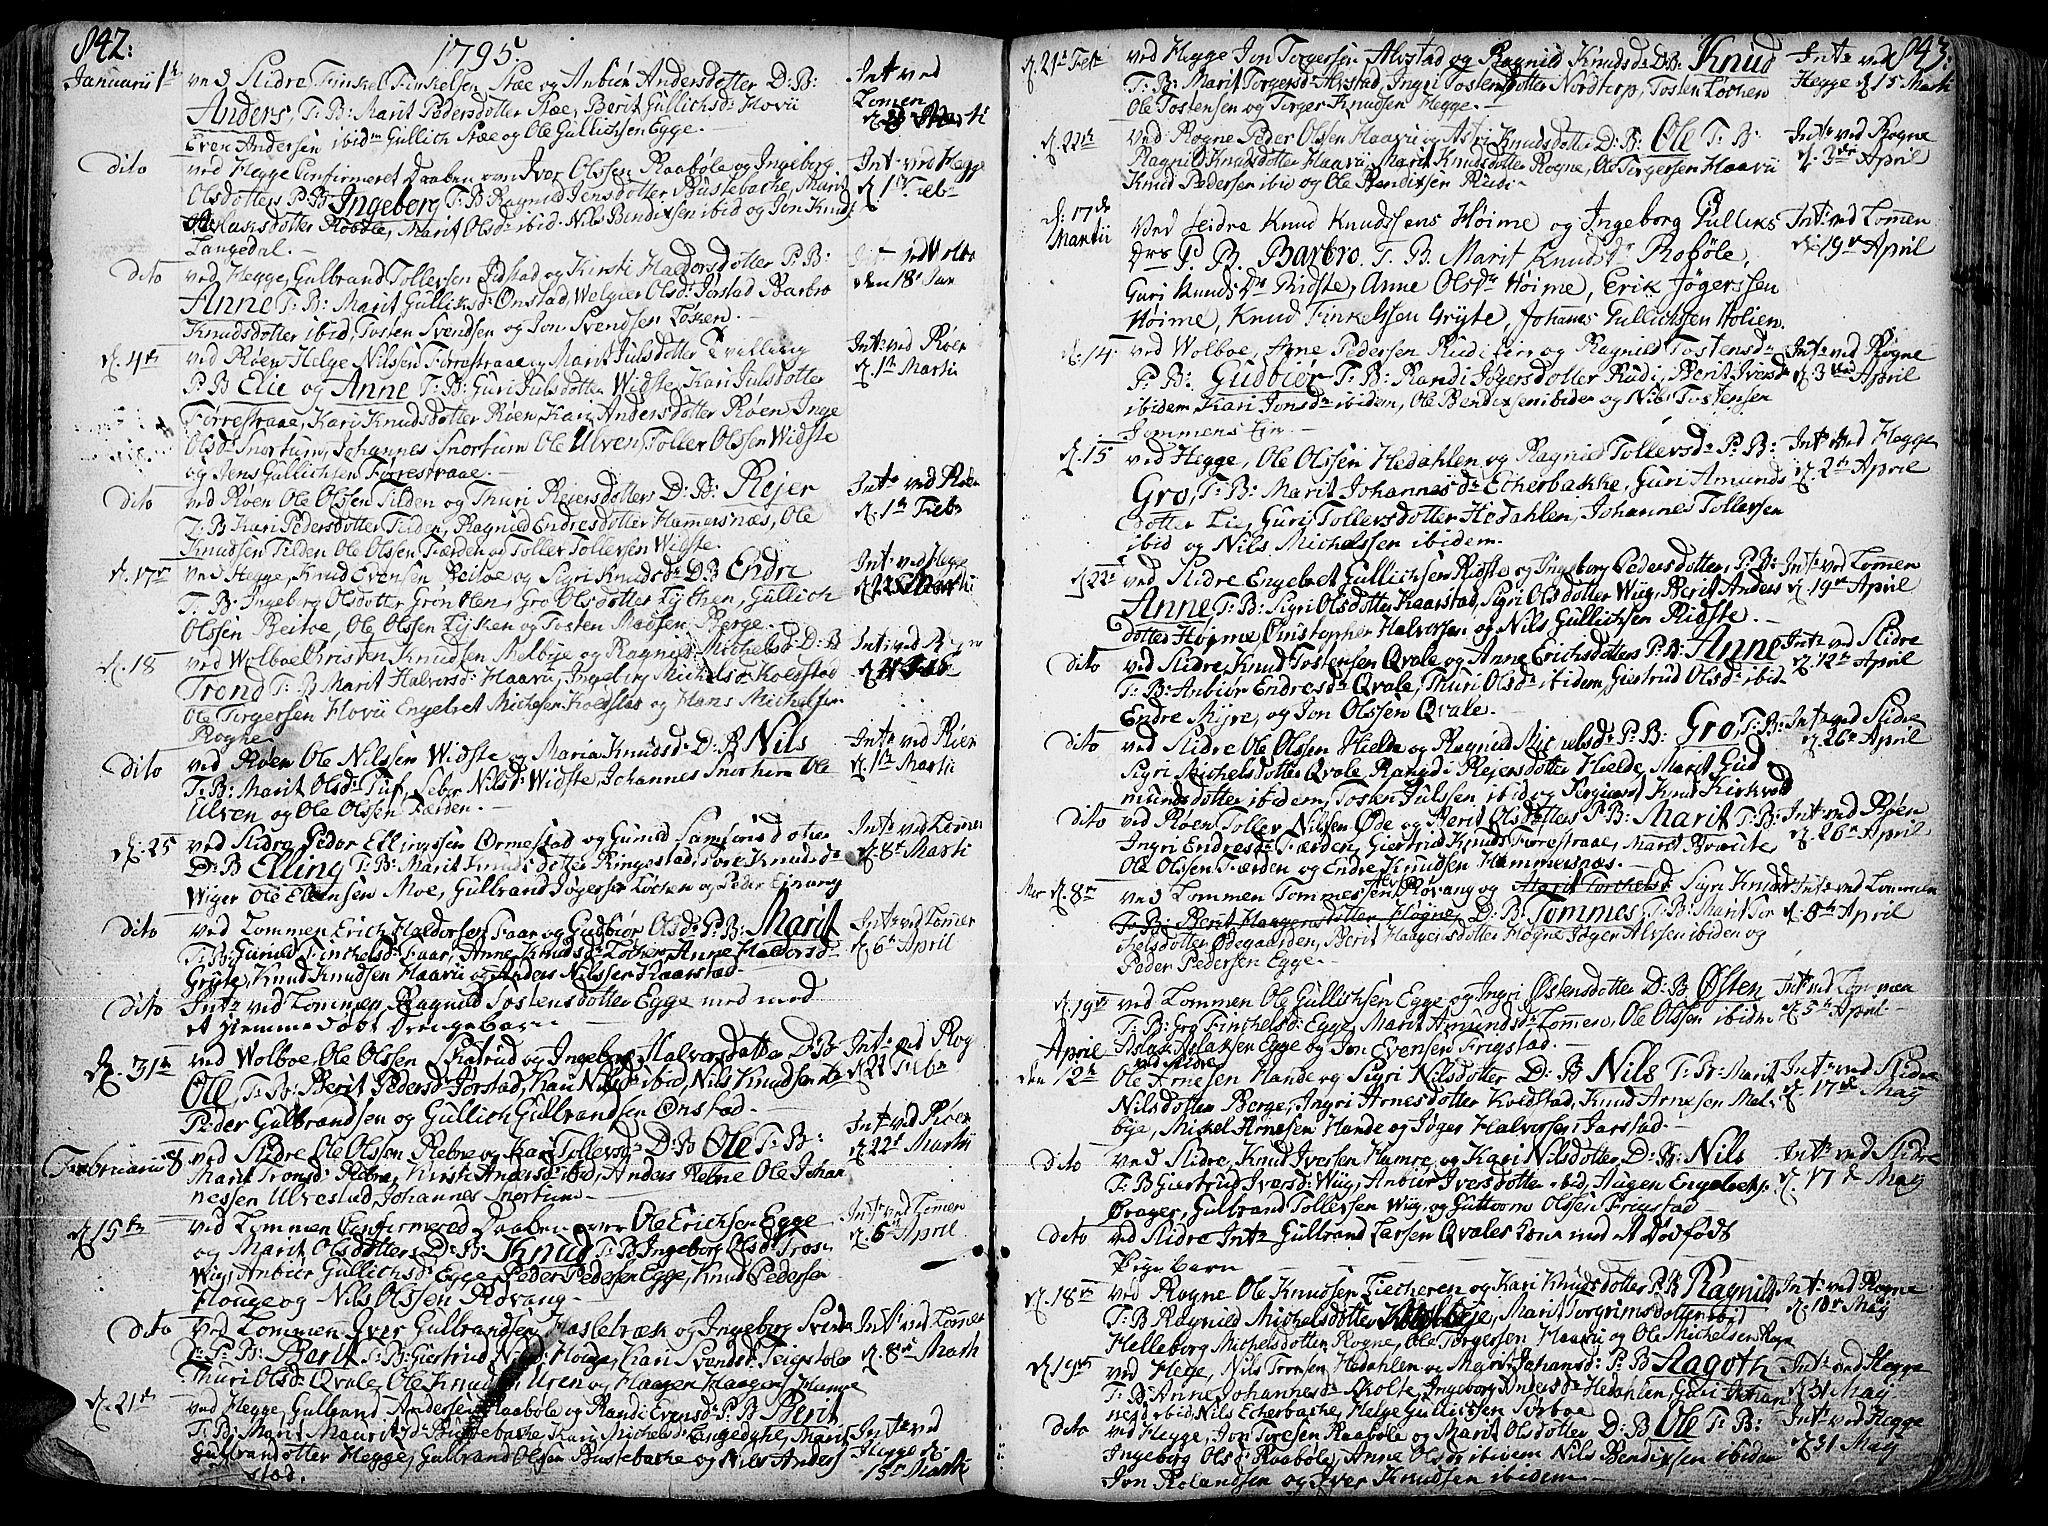 SAH, Slidre prestekontor, Ministerialbok nr. 1, 1724-1814, s. 842-843